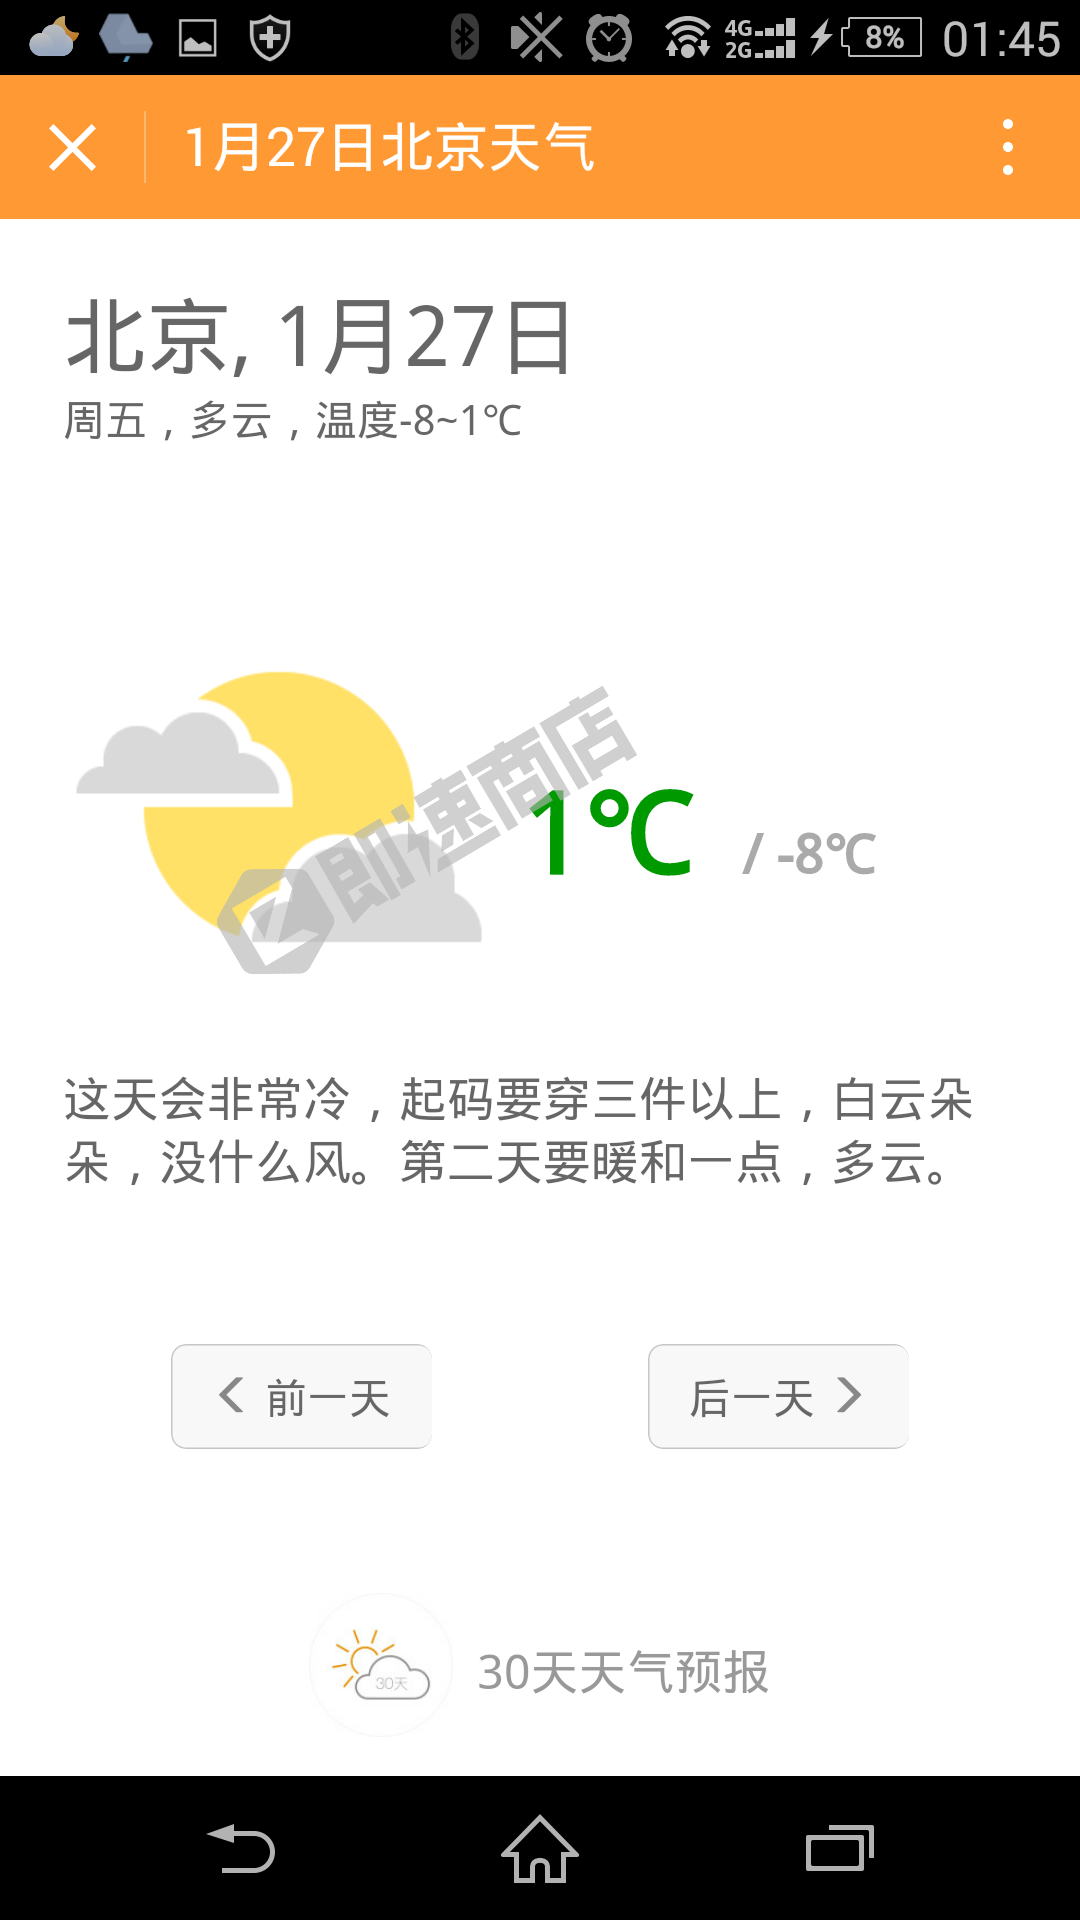 30天天气预报小程序详情页截图